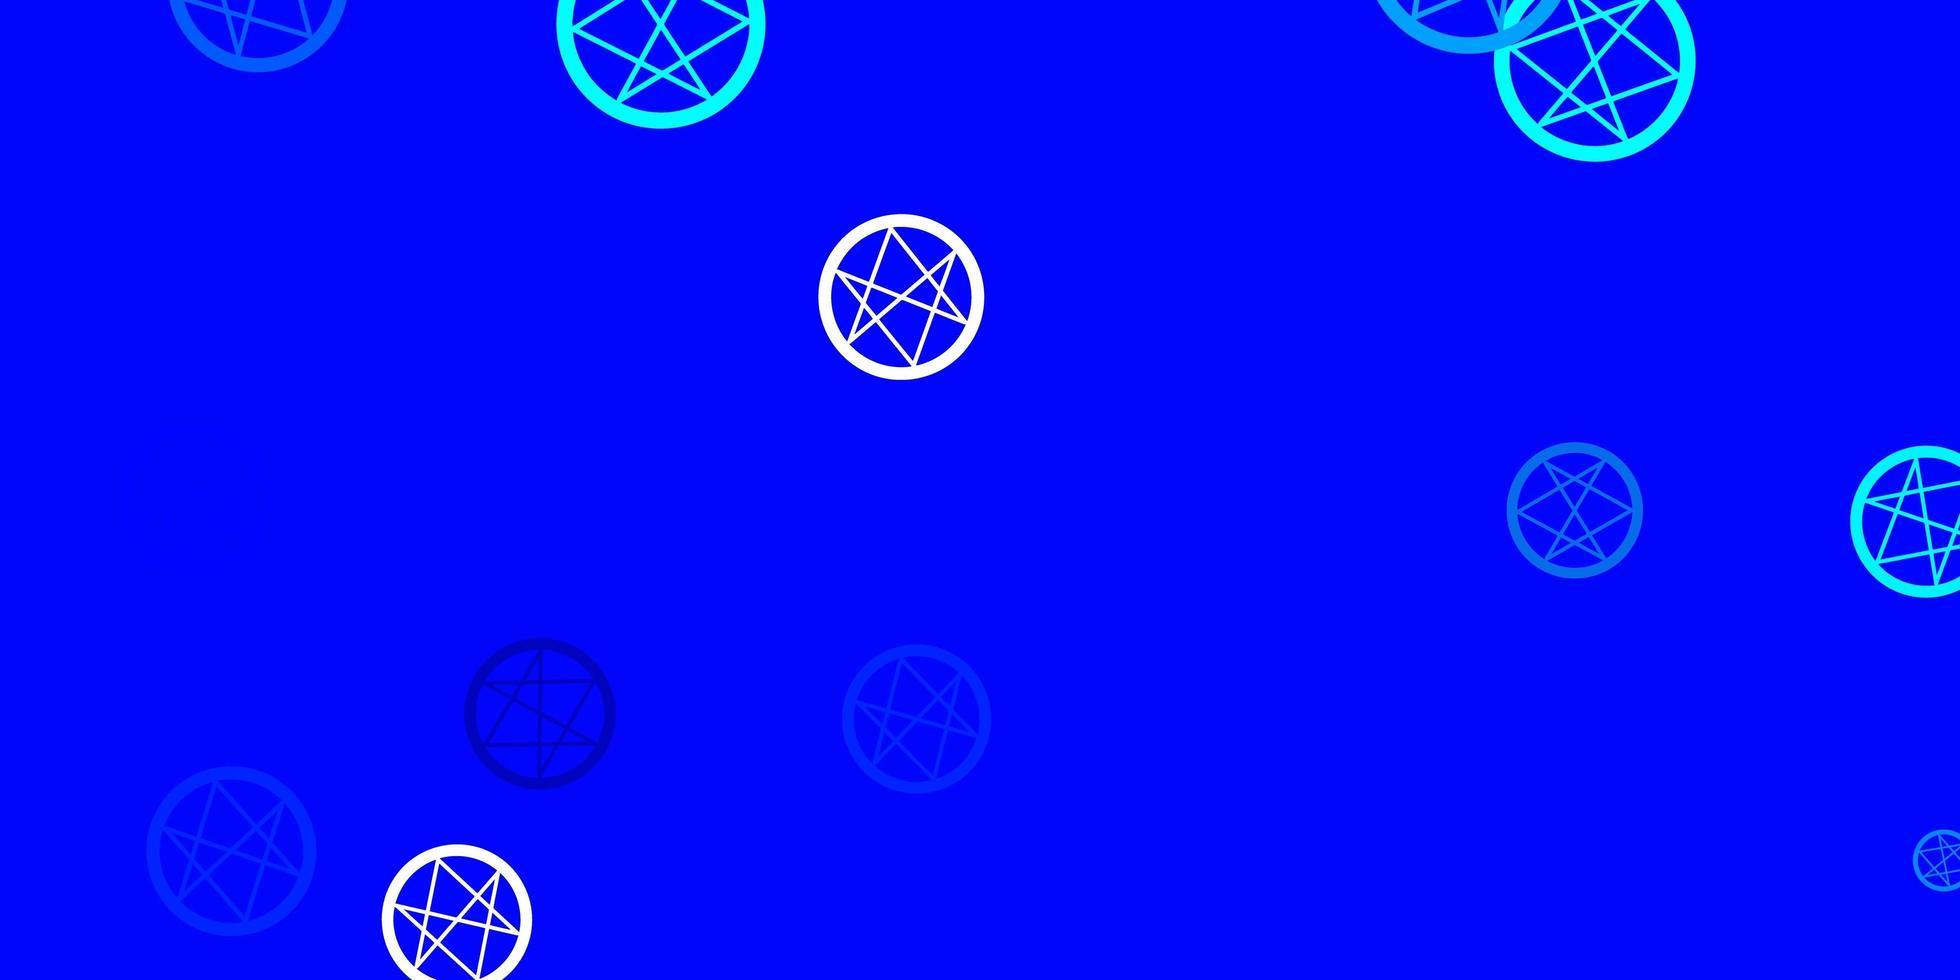 hellblauer Vektorhintergrund mit okkulten Symbolen. vektor